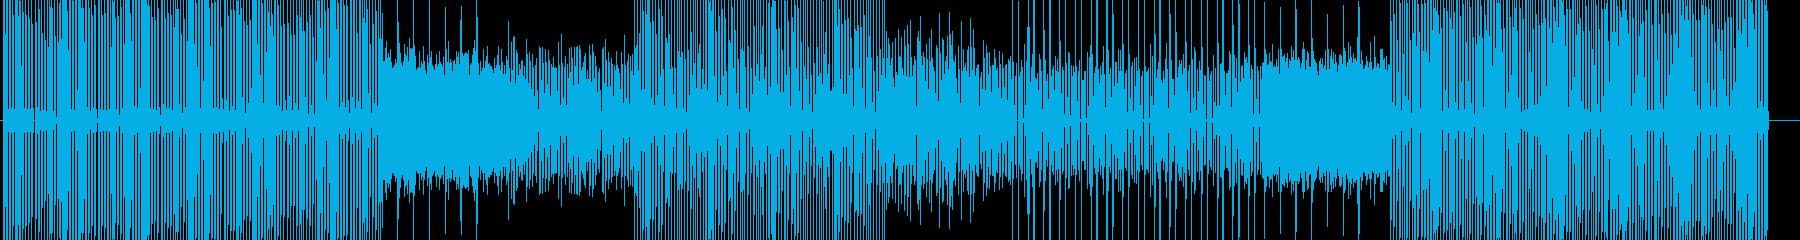 テック-ハウス-アンビエント-ニュースの再生済みの波形